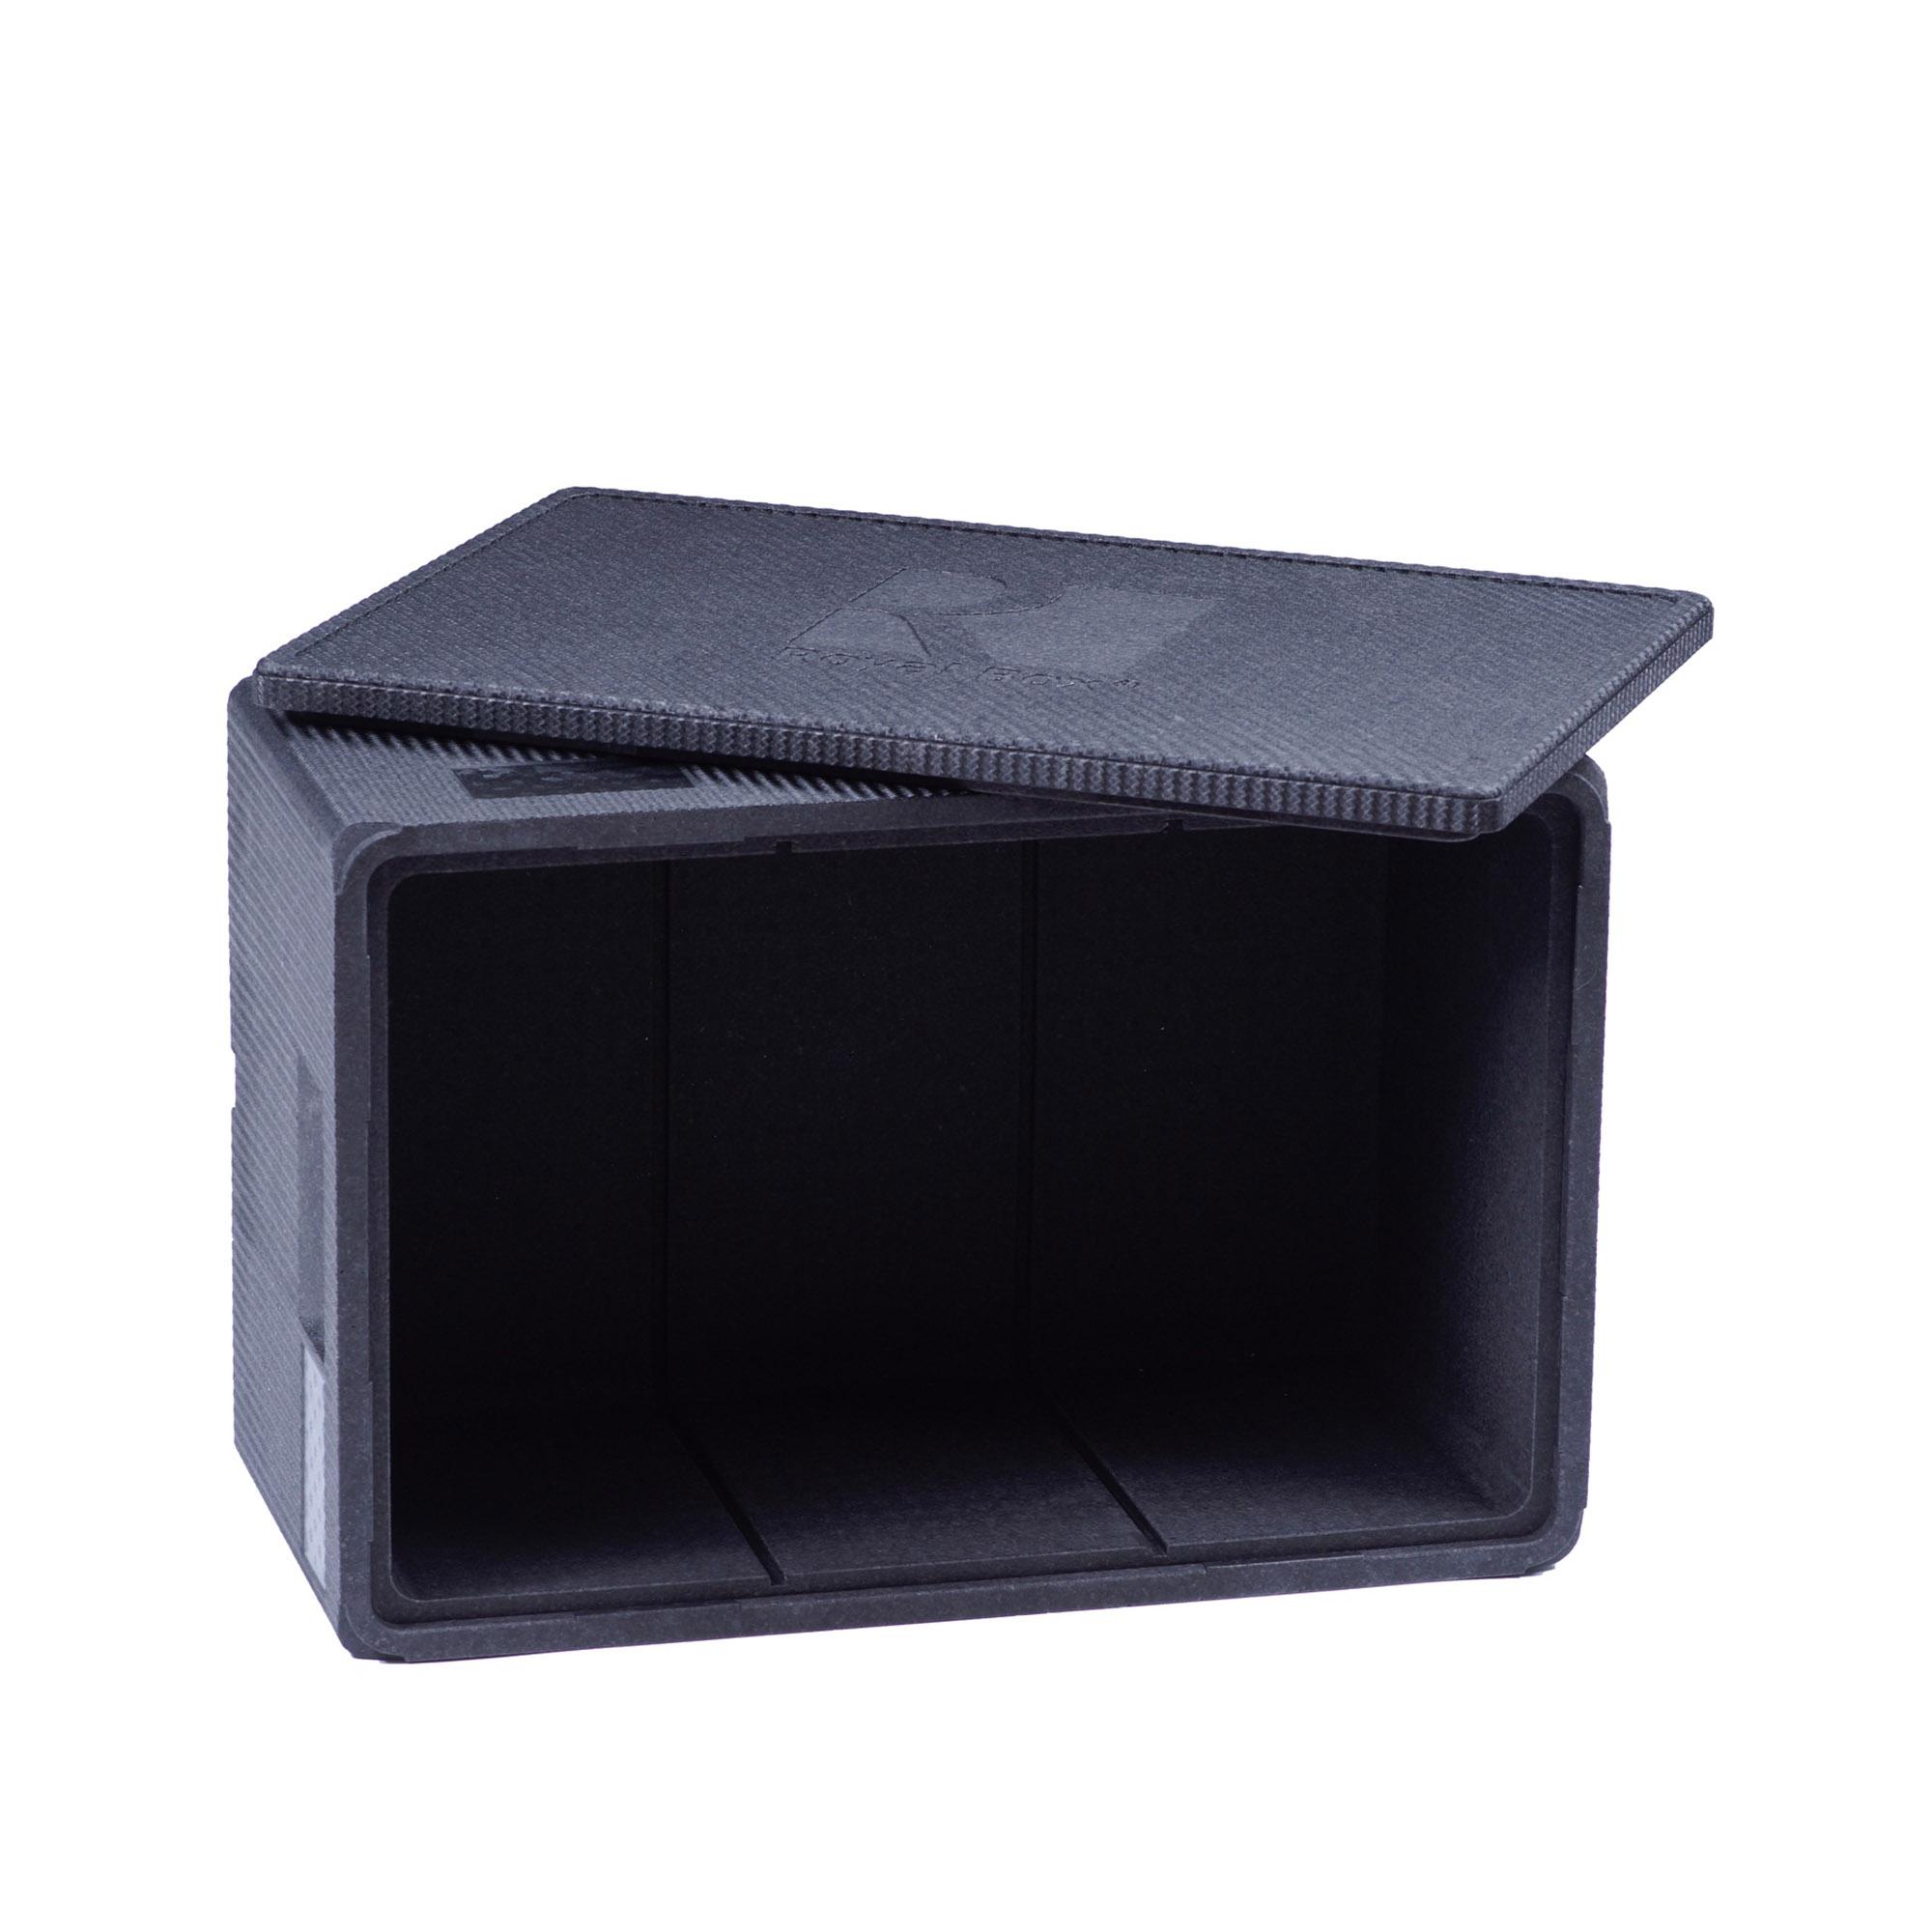 Контейнер изотермический Royal Box UNIQUE BLACK 57 л контейнер изотермический арктика 2000